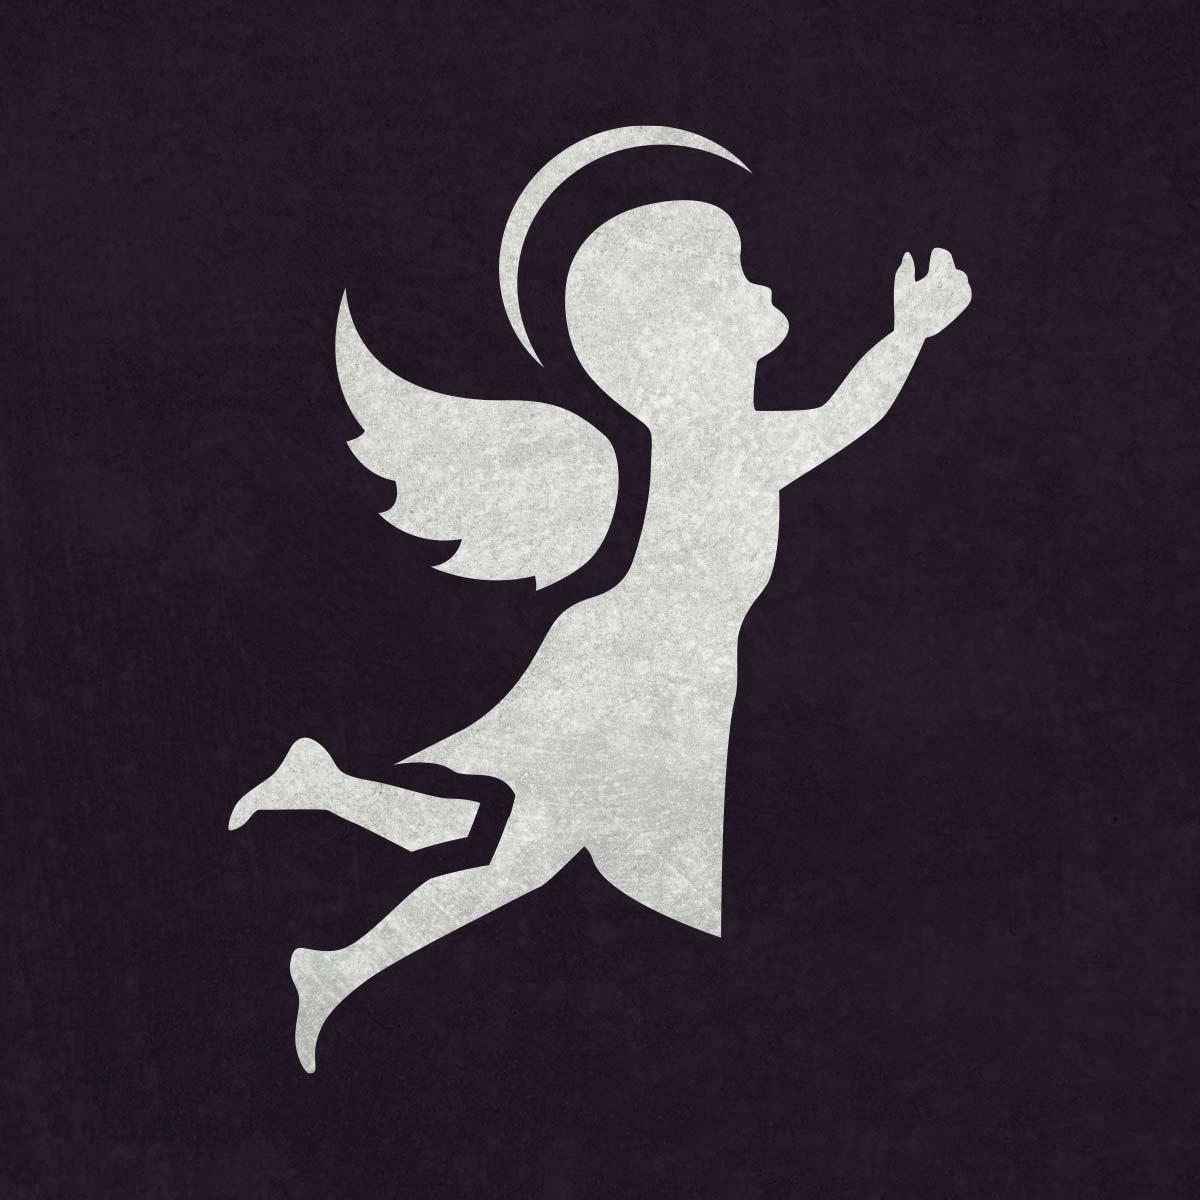 Aniołek - świąteczny szablon malarskie wielokrotnego użytku, wizualizacja na ciemnym tle